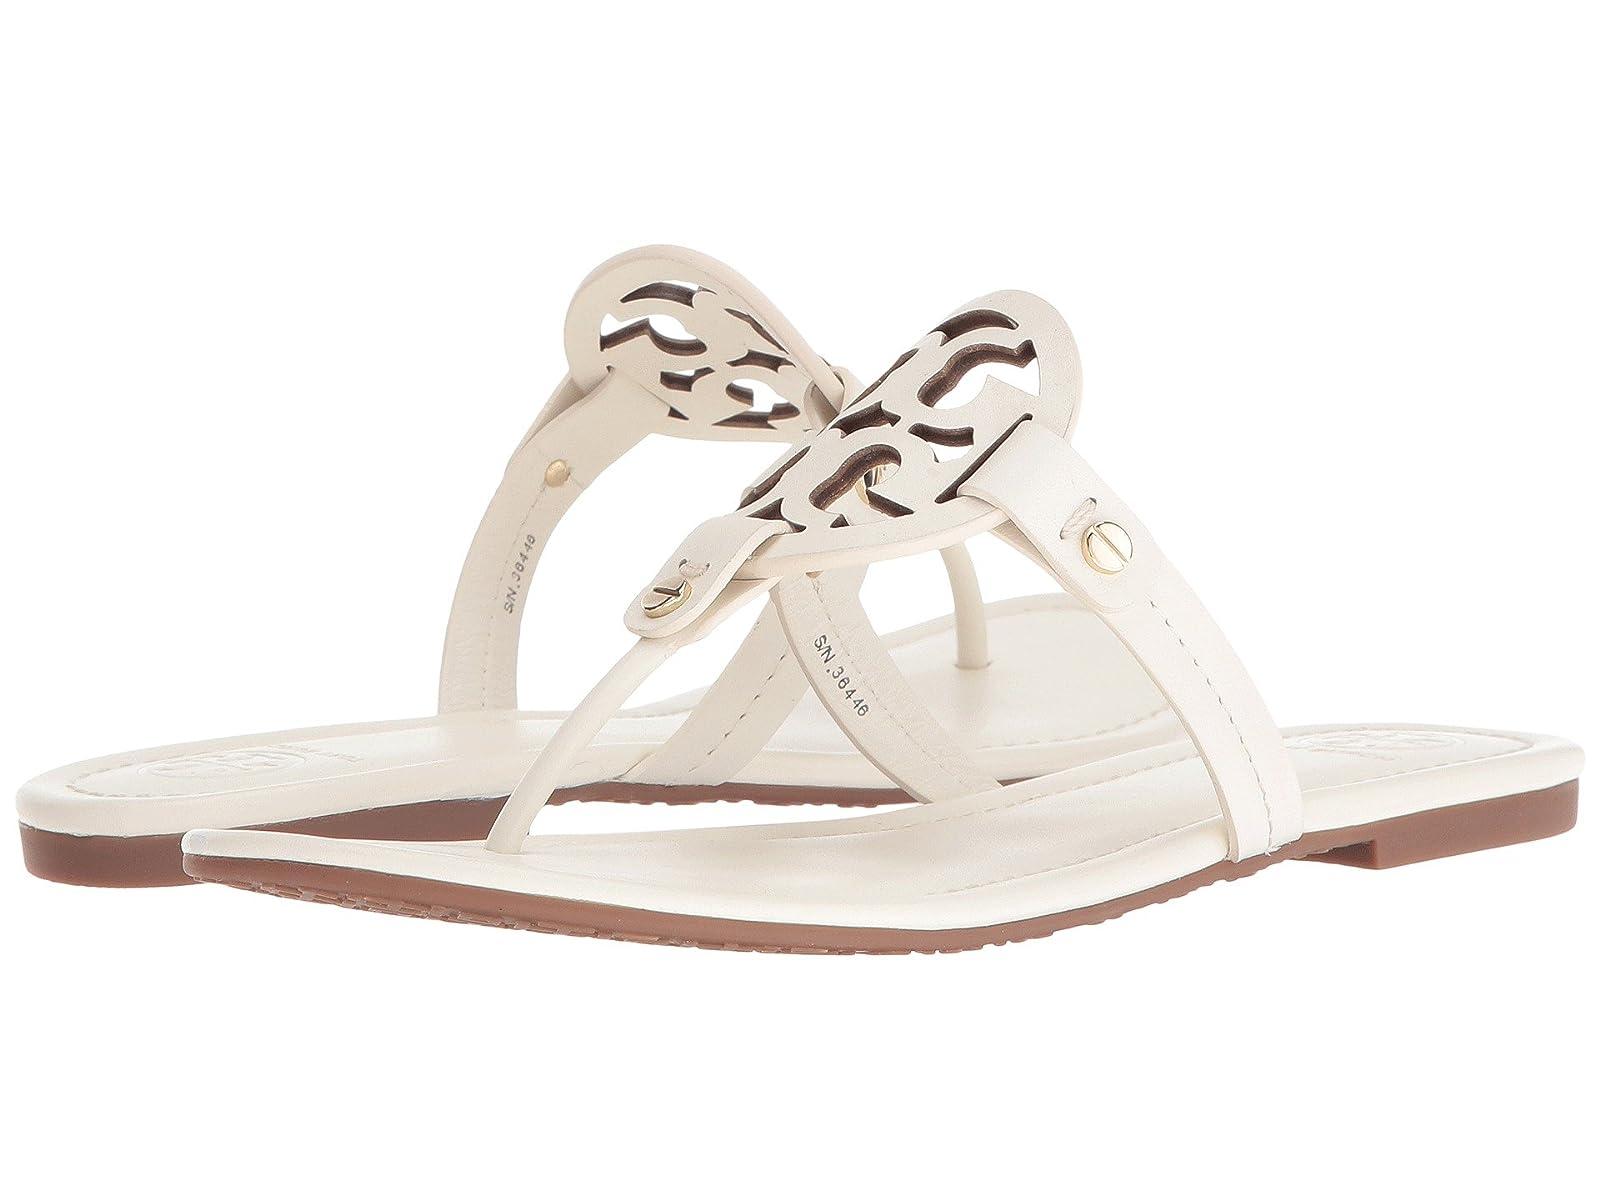 Tory Burch Miller Flip Flop SandalAtmospheric grades have affordable shoes